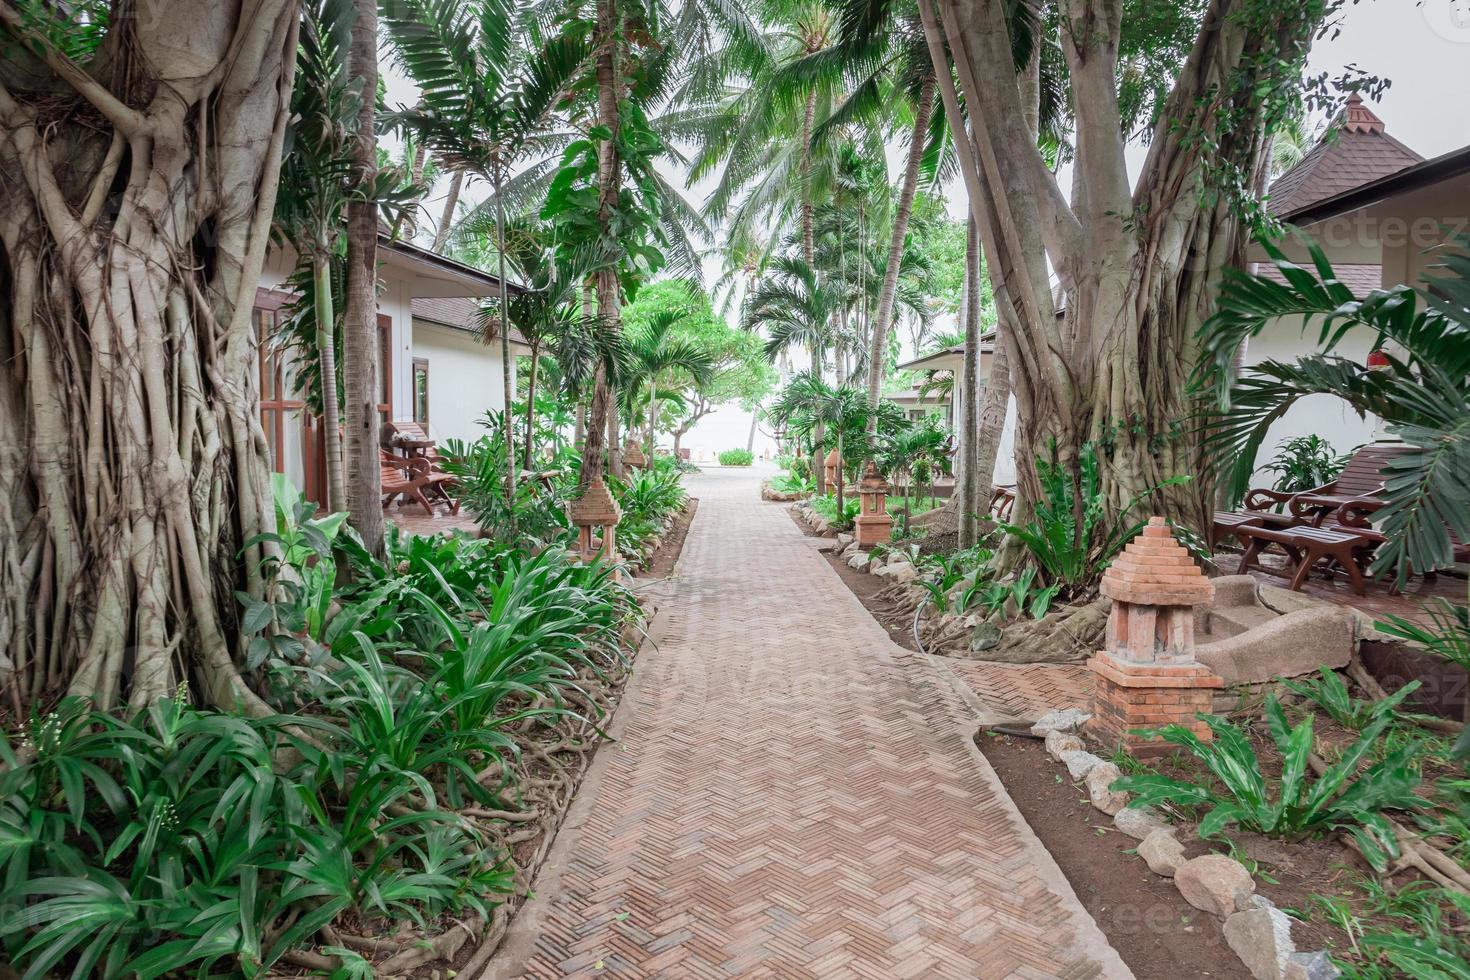 jardin tropical et la route de la plage de la mer photo